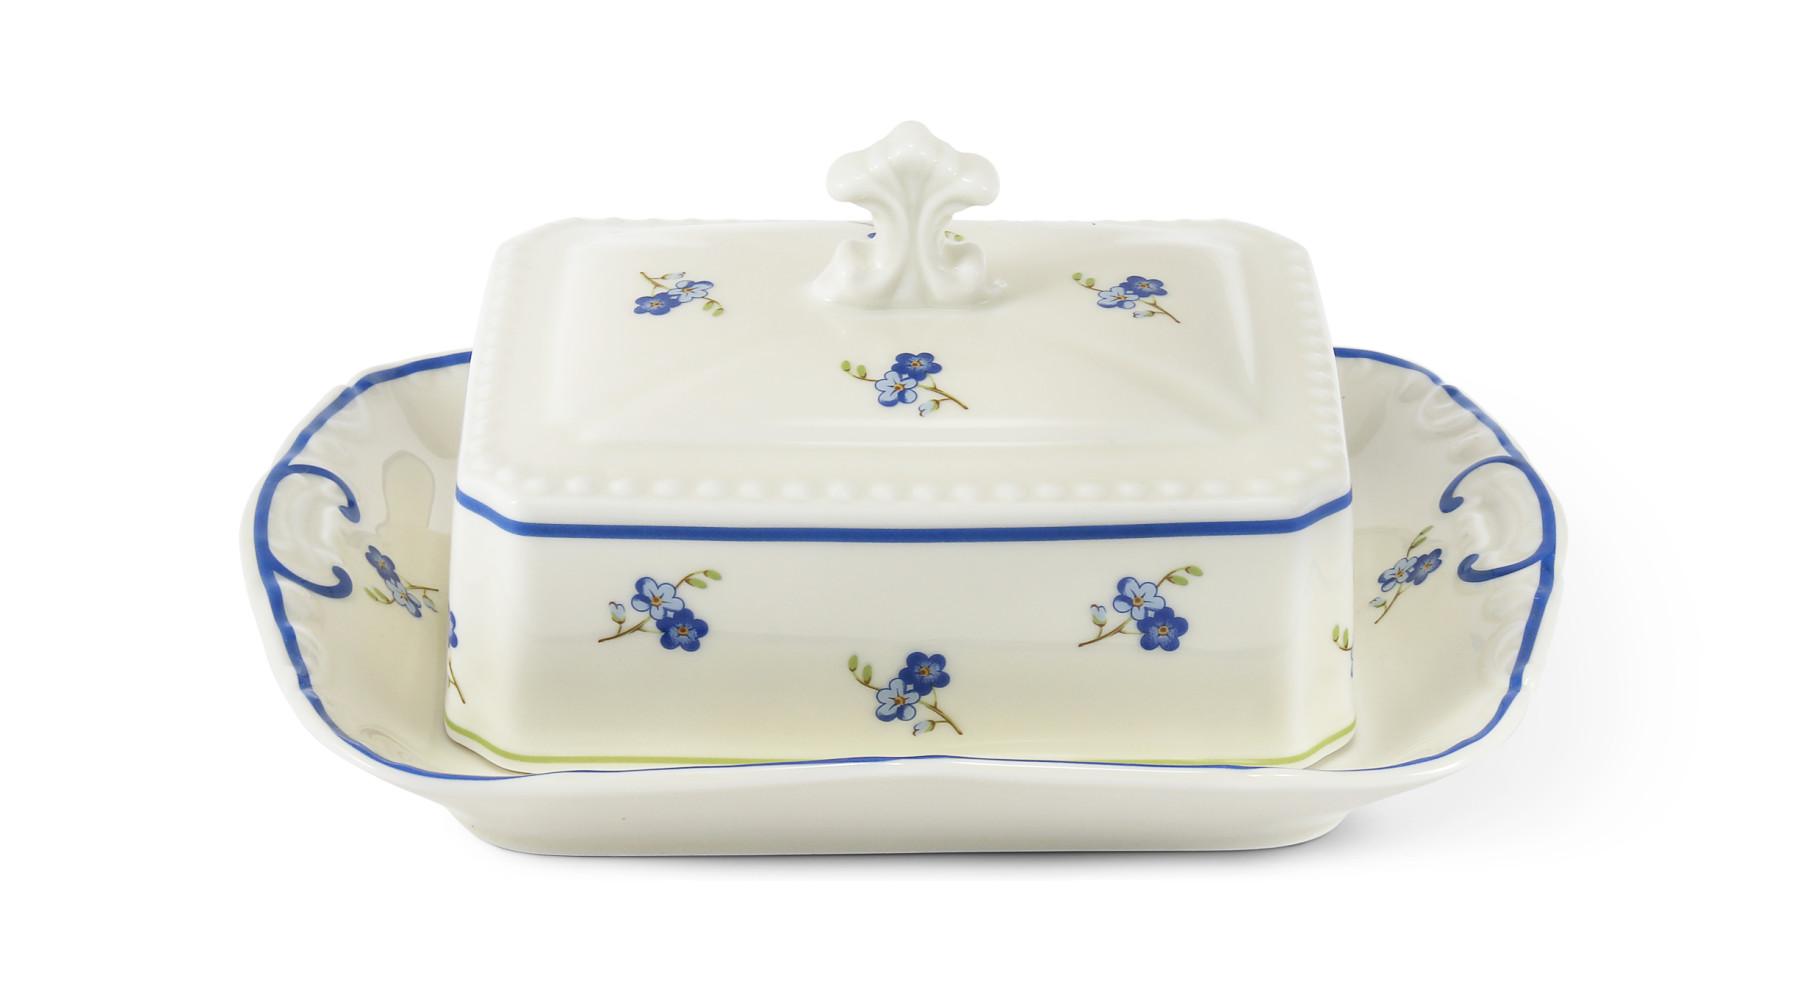 Butterdose Quadrat 250 g Vergissmeinnicht Elfenbein